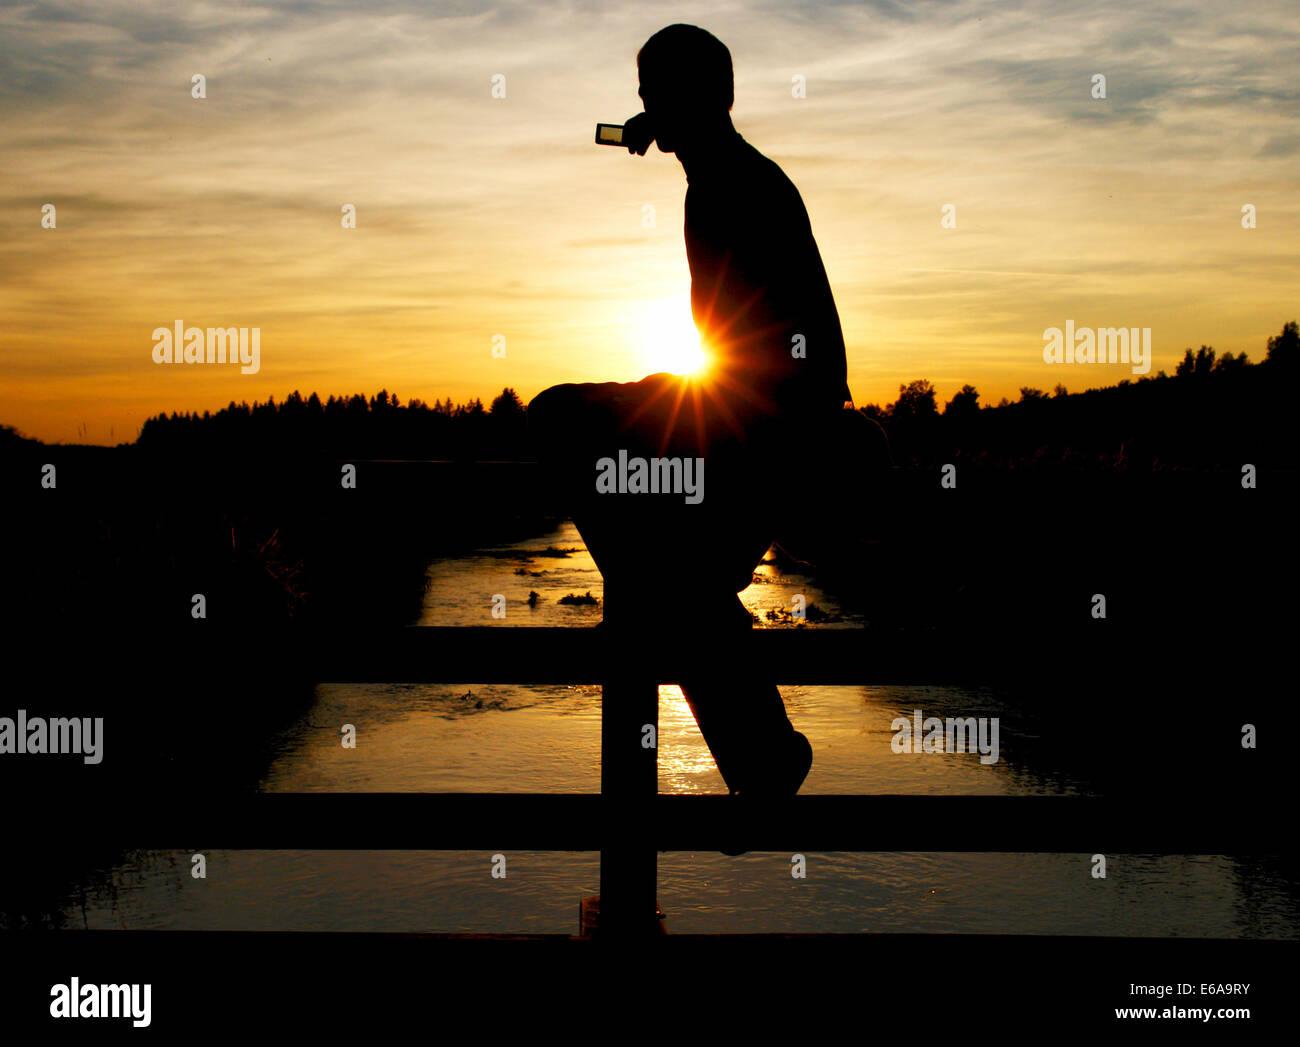 Urlaub Fotografie, Naturfotografie, Fotografie, Sonnenuntergang Stockbild